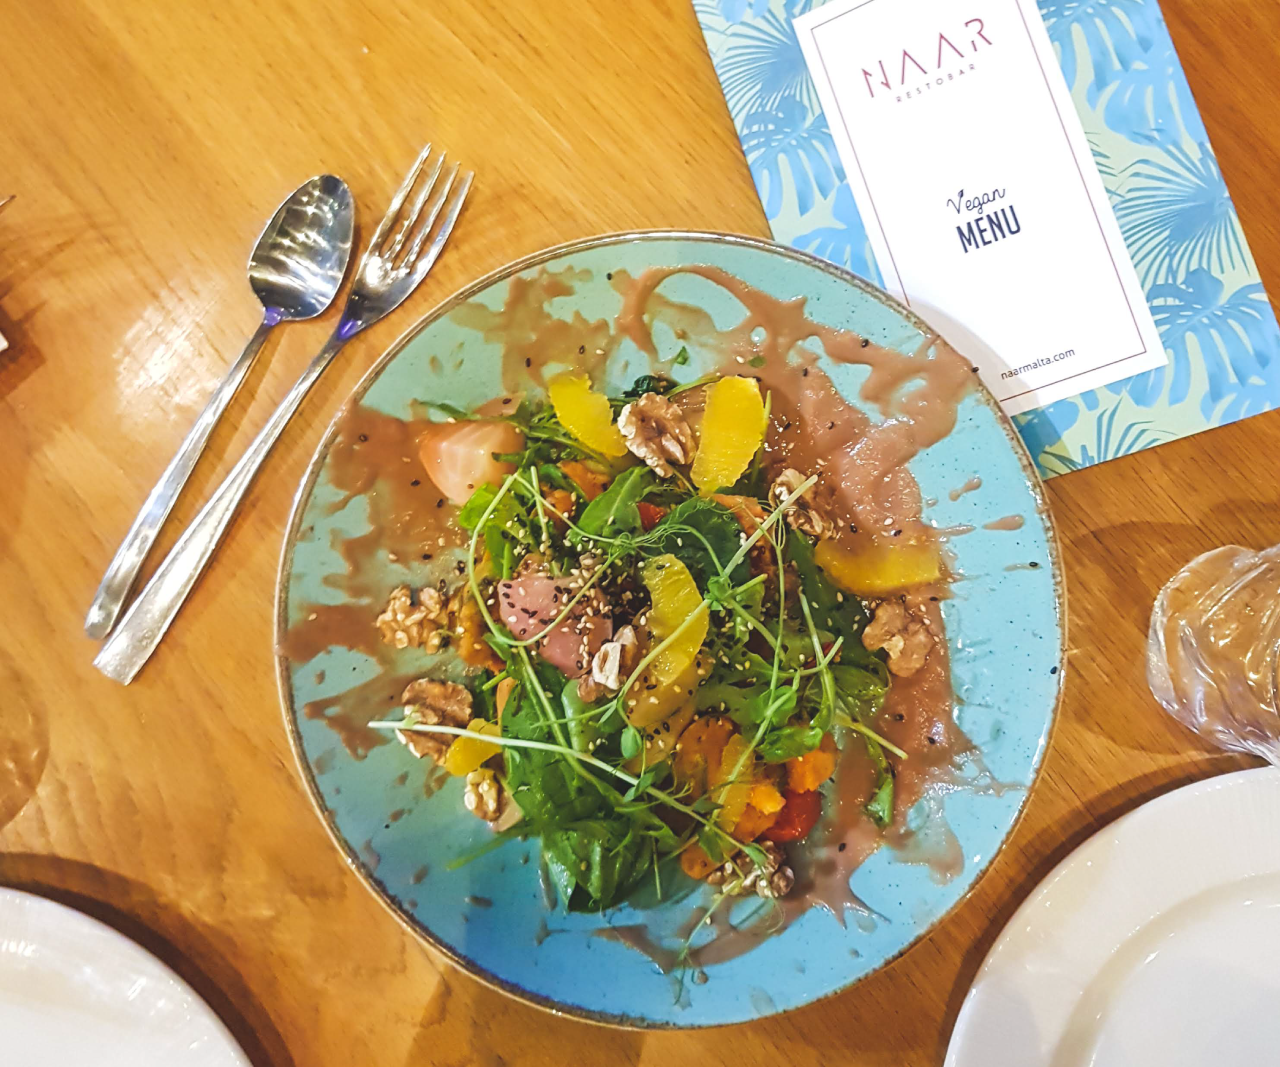 veggymalta-naar-restobar-vegan-restaurant-malta